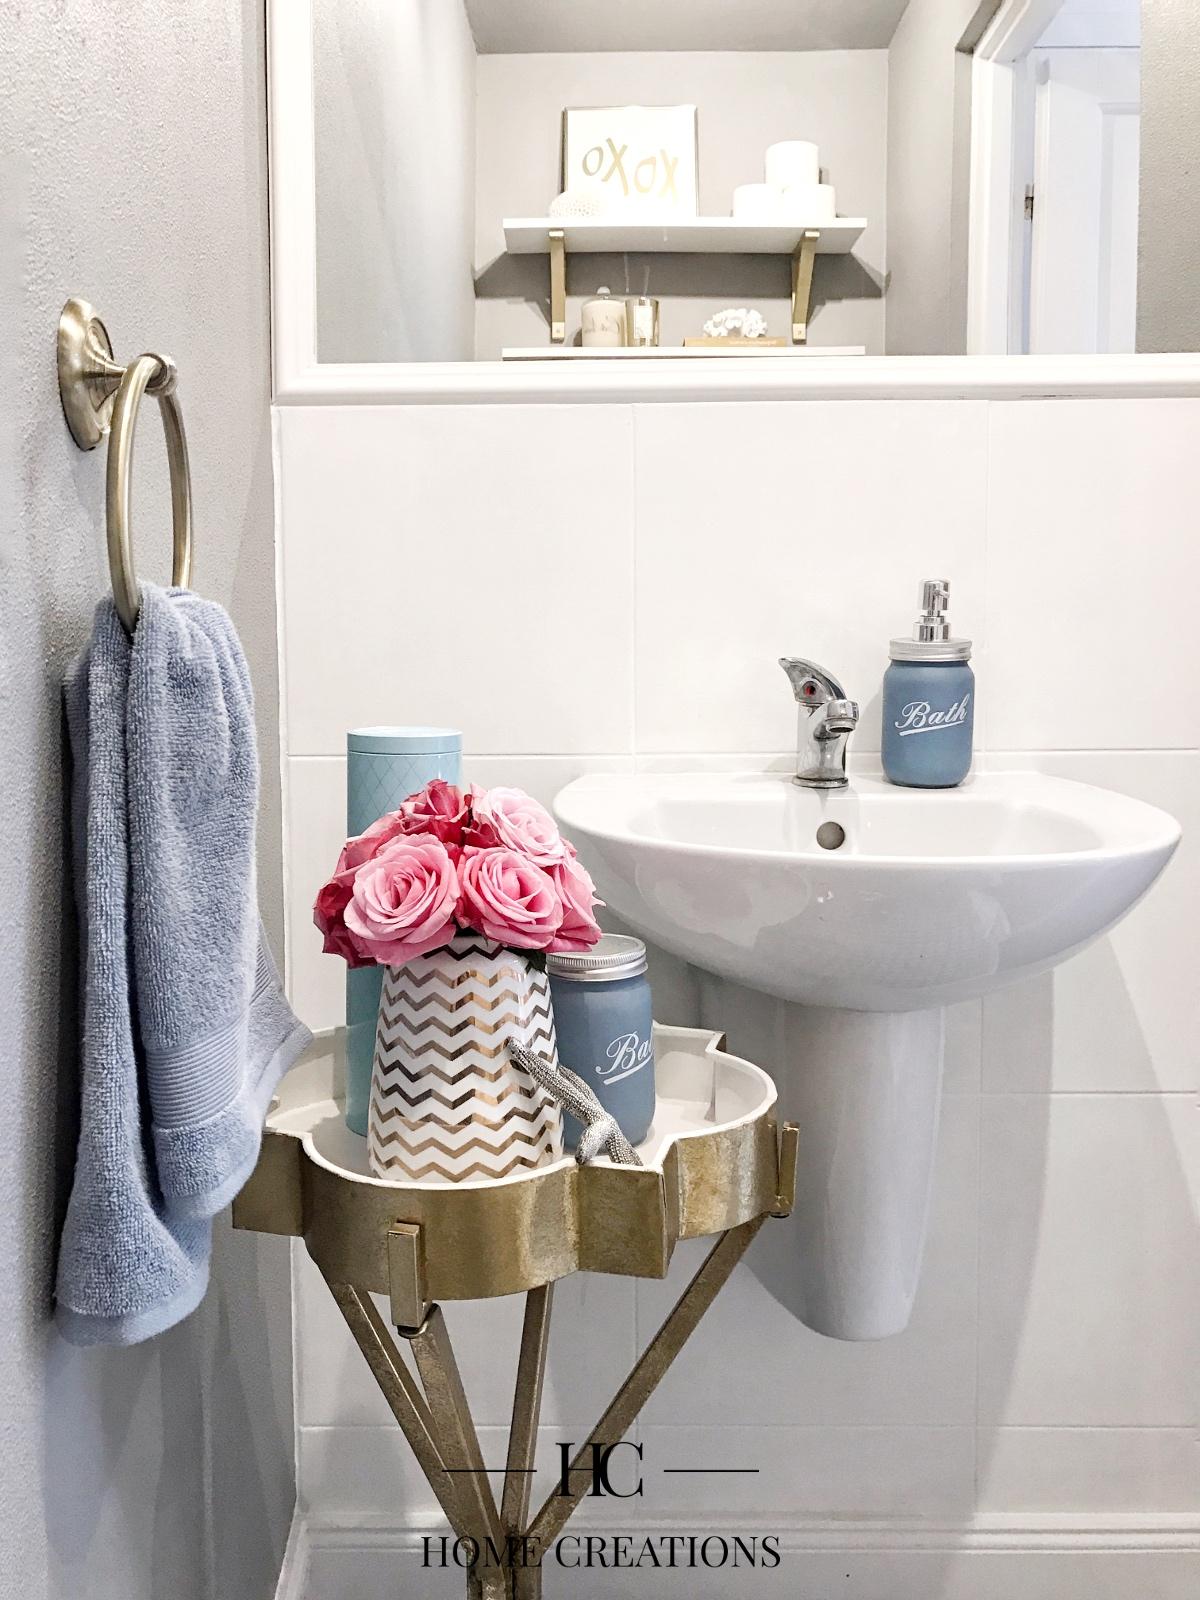 Metamorfoza Tania I Szybka Metamorfoza Małej łazienki